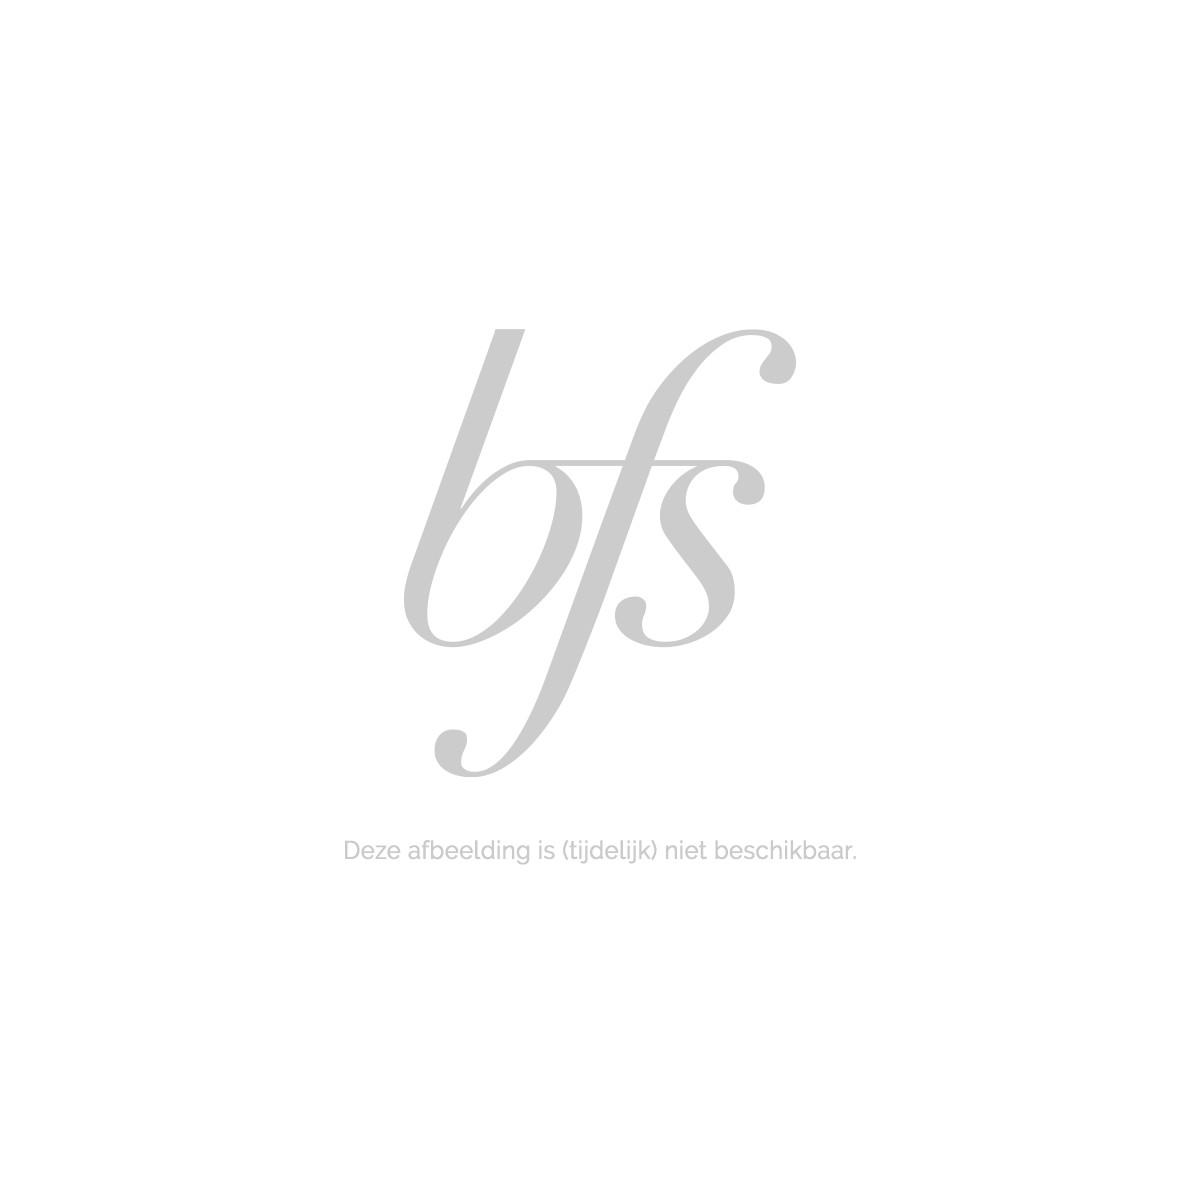 Chanel Poudre Universelle Compacte Powder 15 Gr